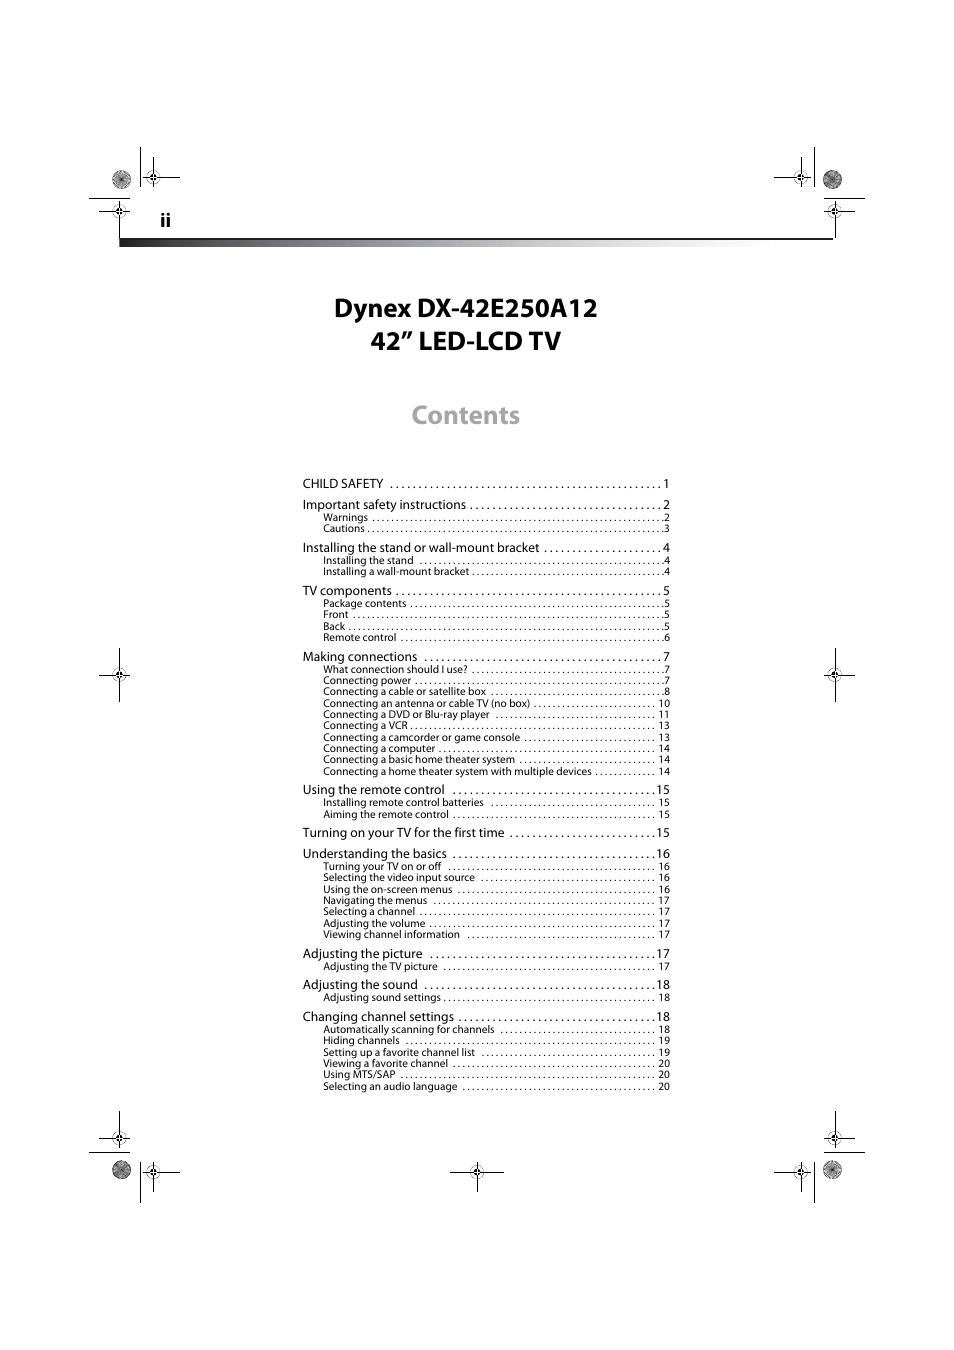 Dynex DX-42E250A12 User Manual | Page 2 / 38